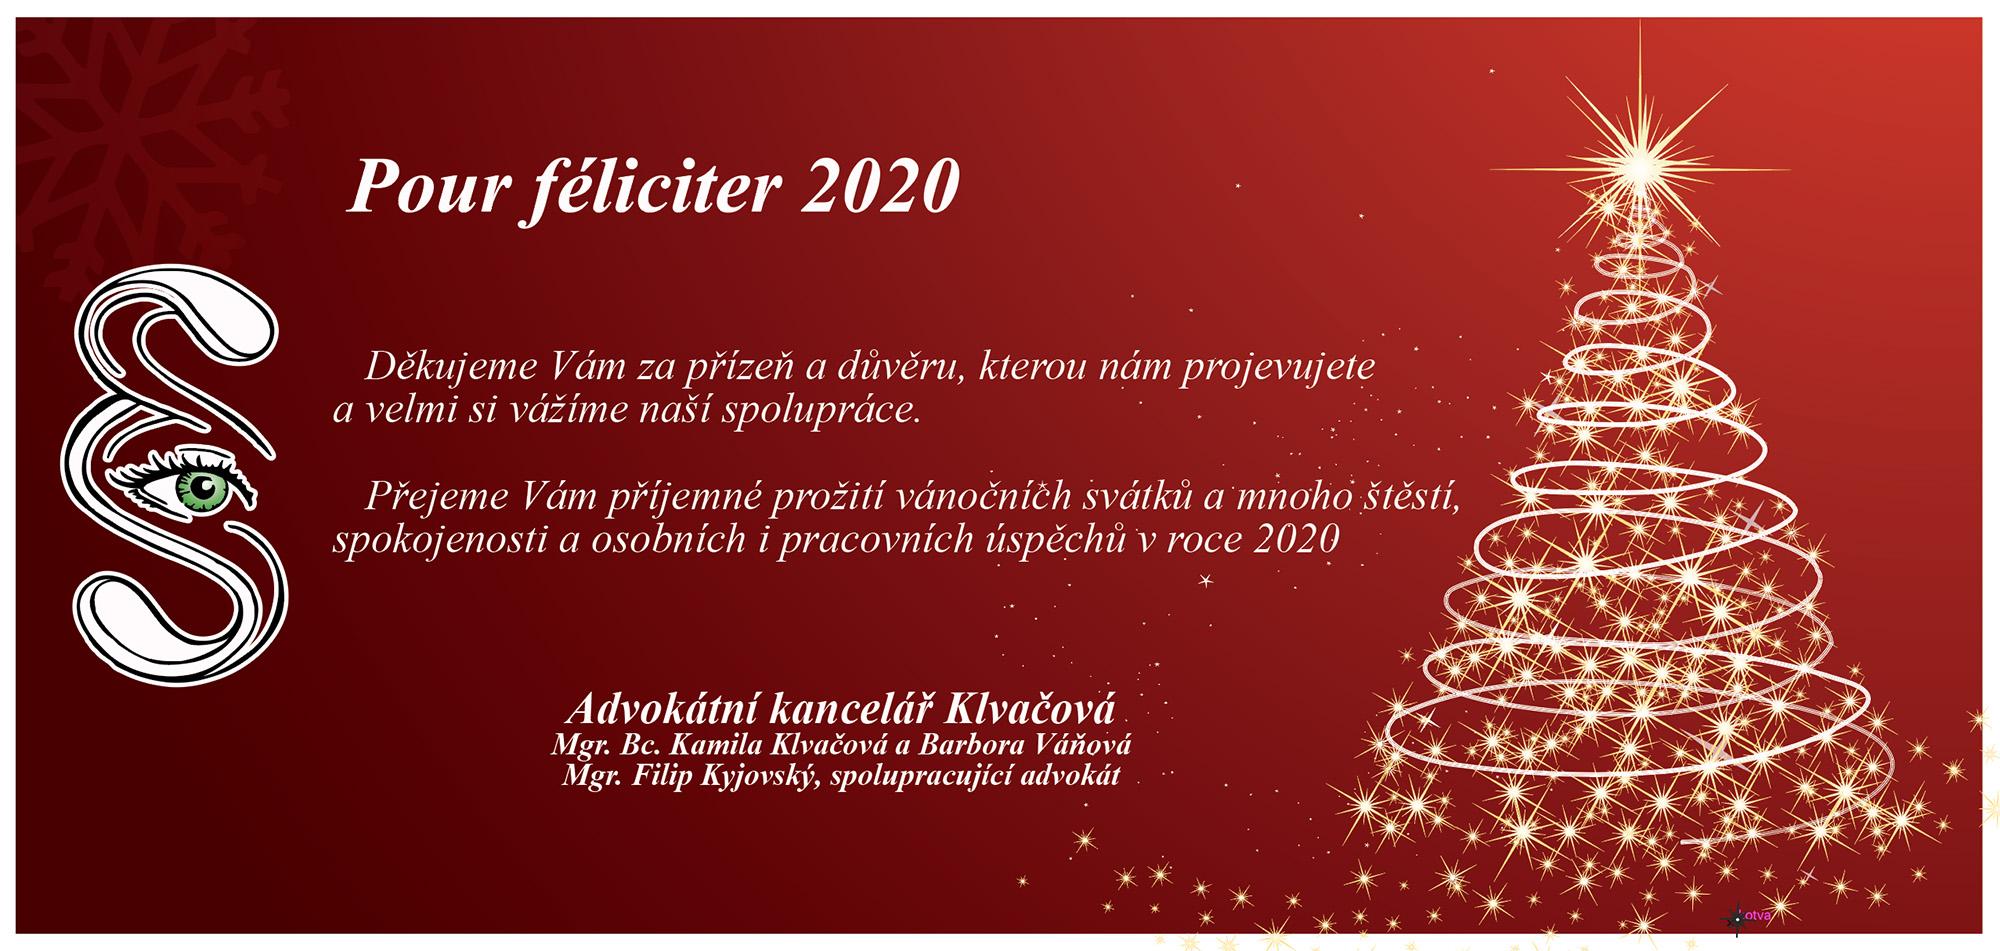 AK PF 2020